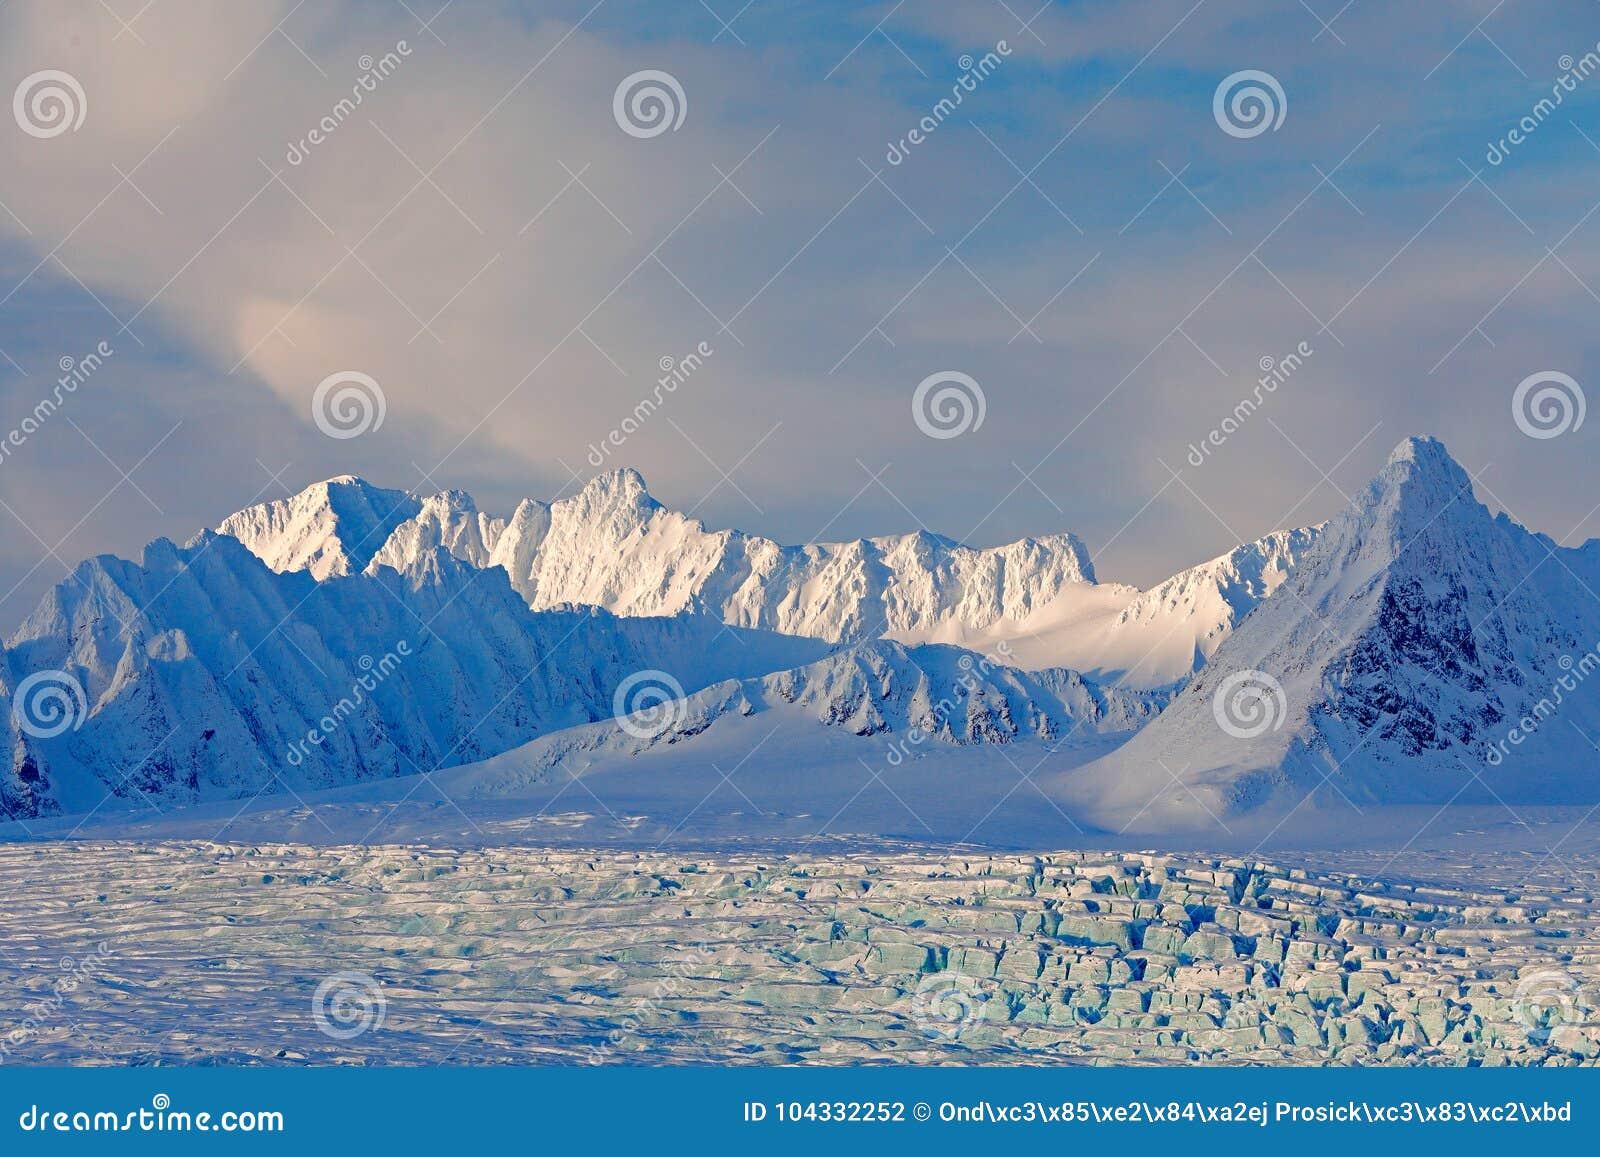 Land van ijs Het reizen in Noordpoolnoorwegen Witte sneeuwberg, blauwe gletsjer Svalbard, Noorwegen Ijs in oceaan Ijsberg in het